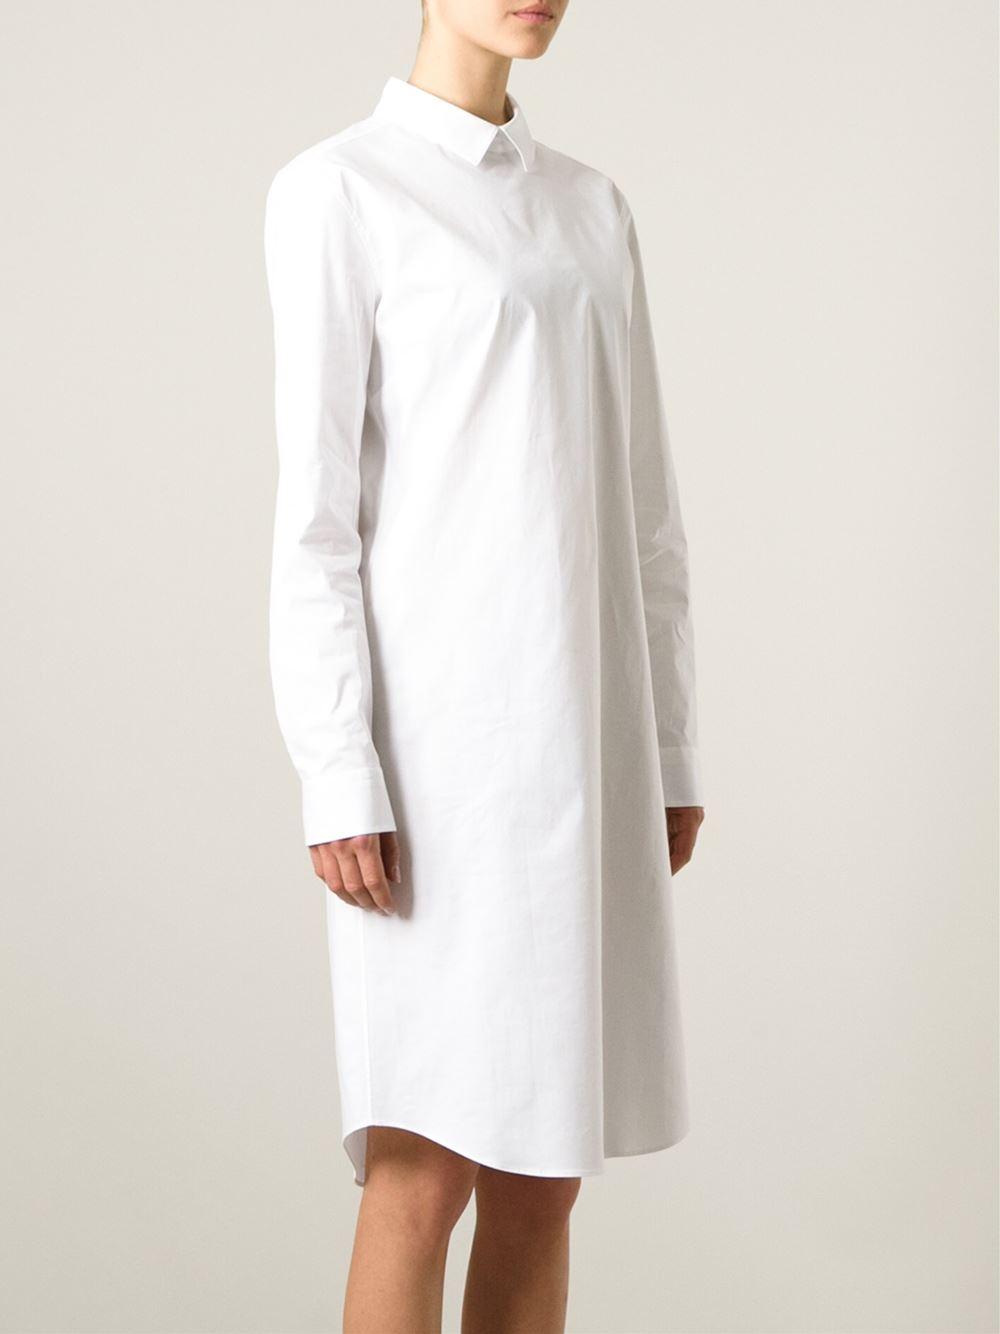 Jil sander navy longsleeved shirt dress in white save 60 for White military dress shirt